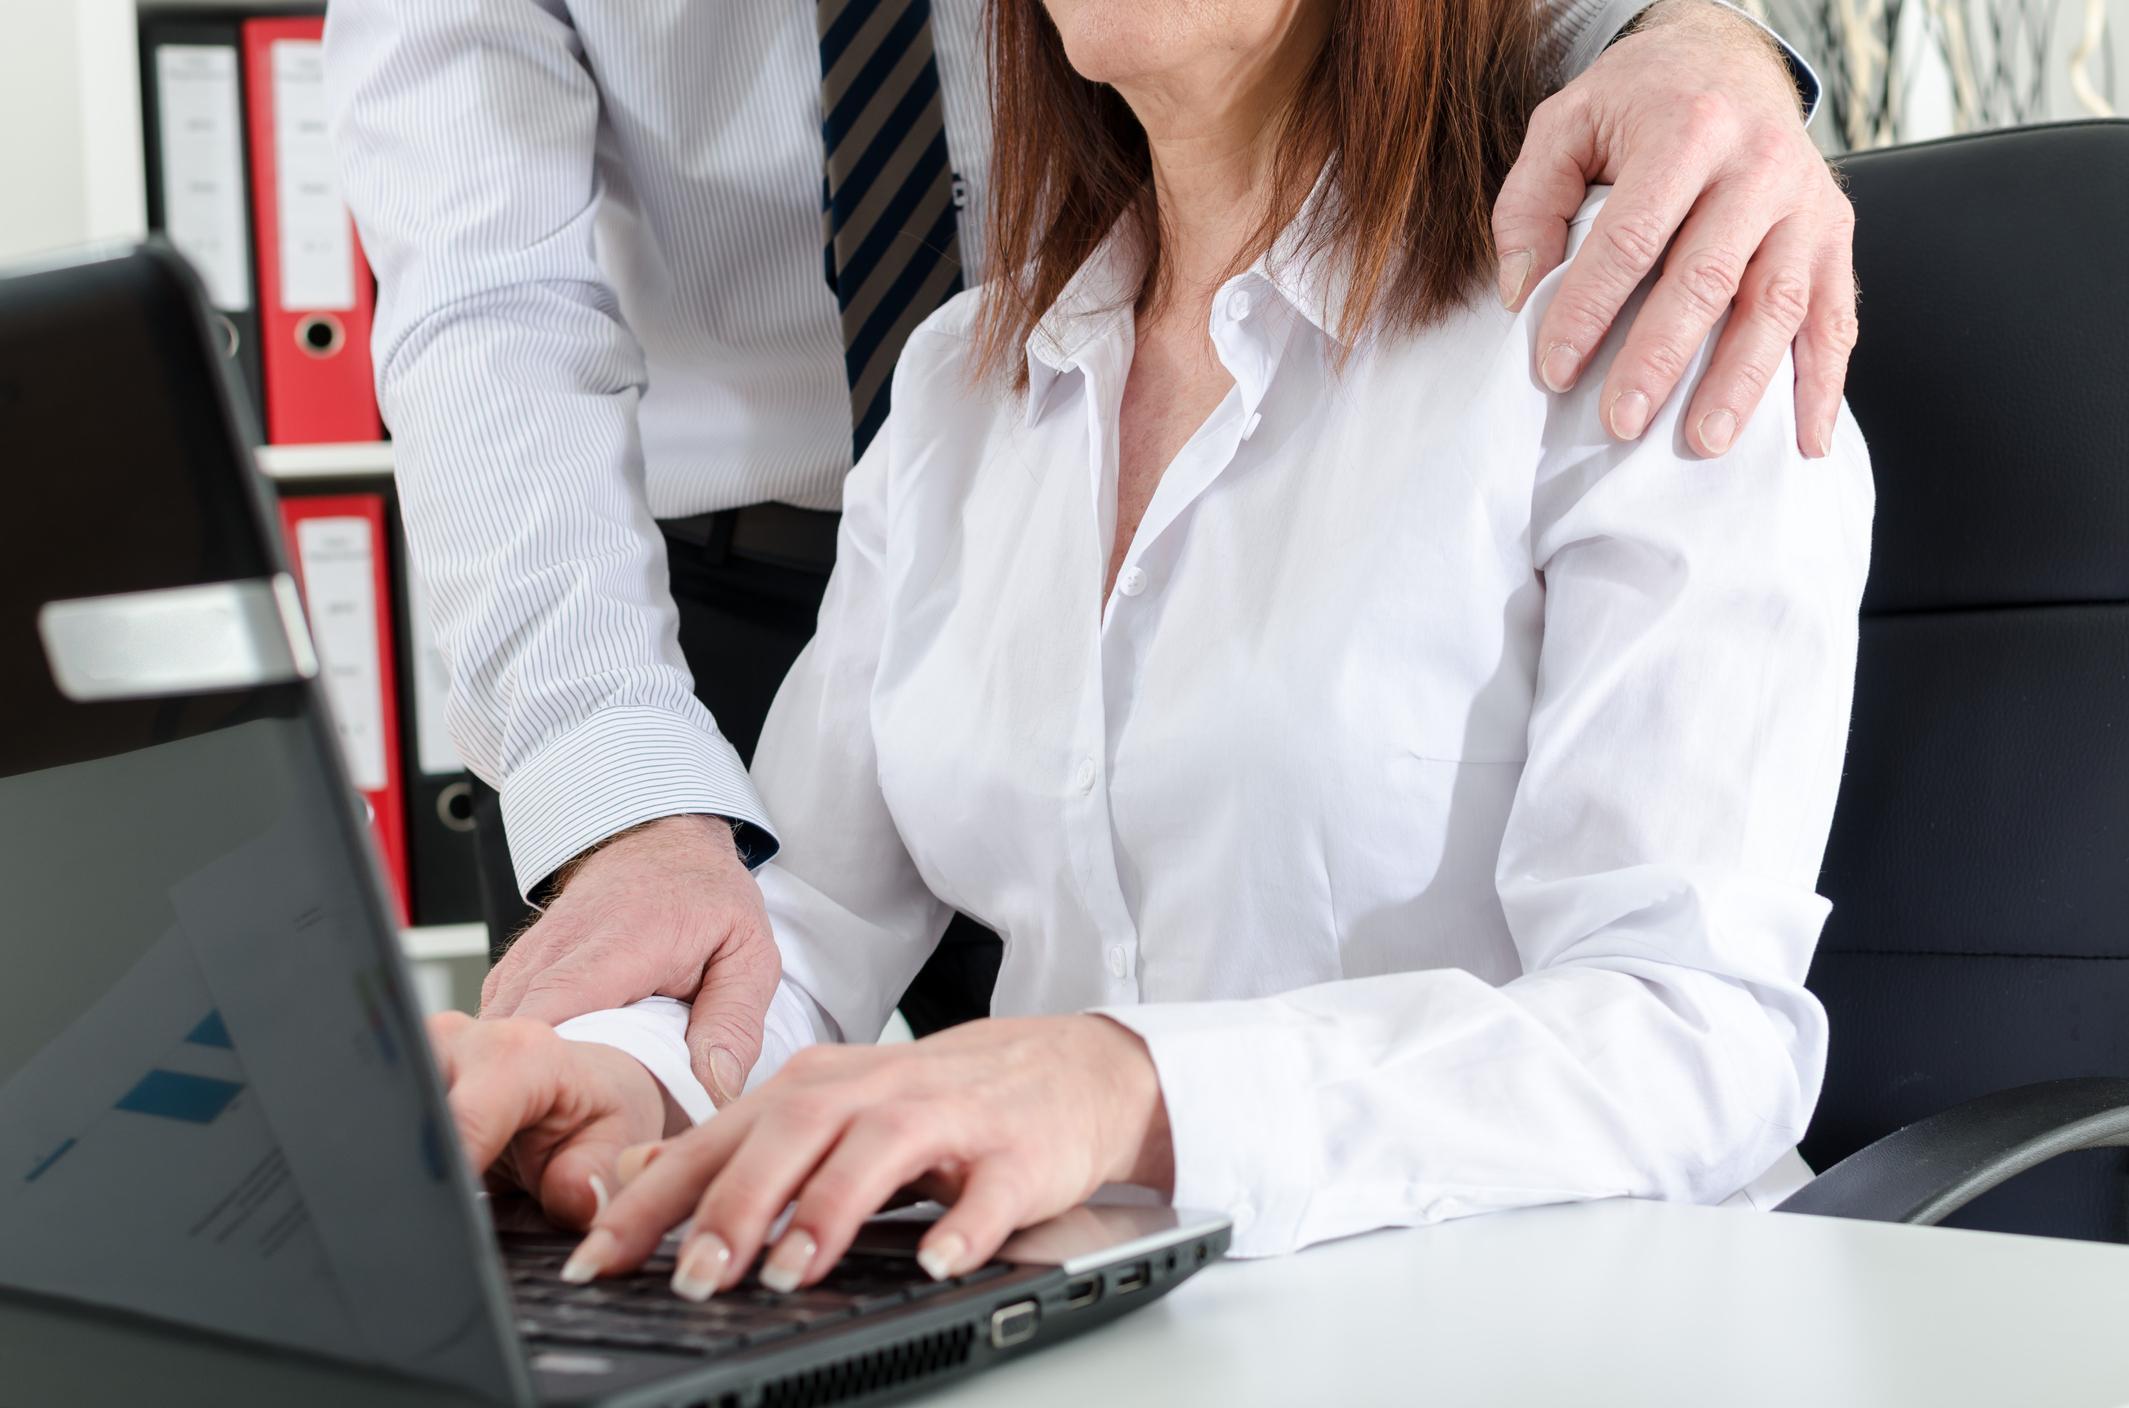 Was tun bei sexueller Belästigung? - Oder dem falschen Vorwurf durch Kollegen?